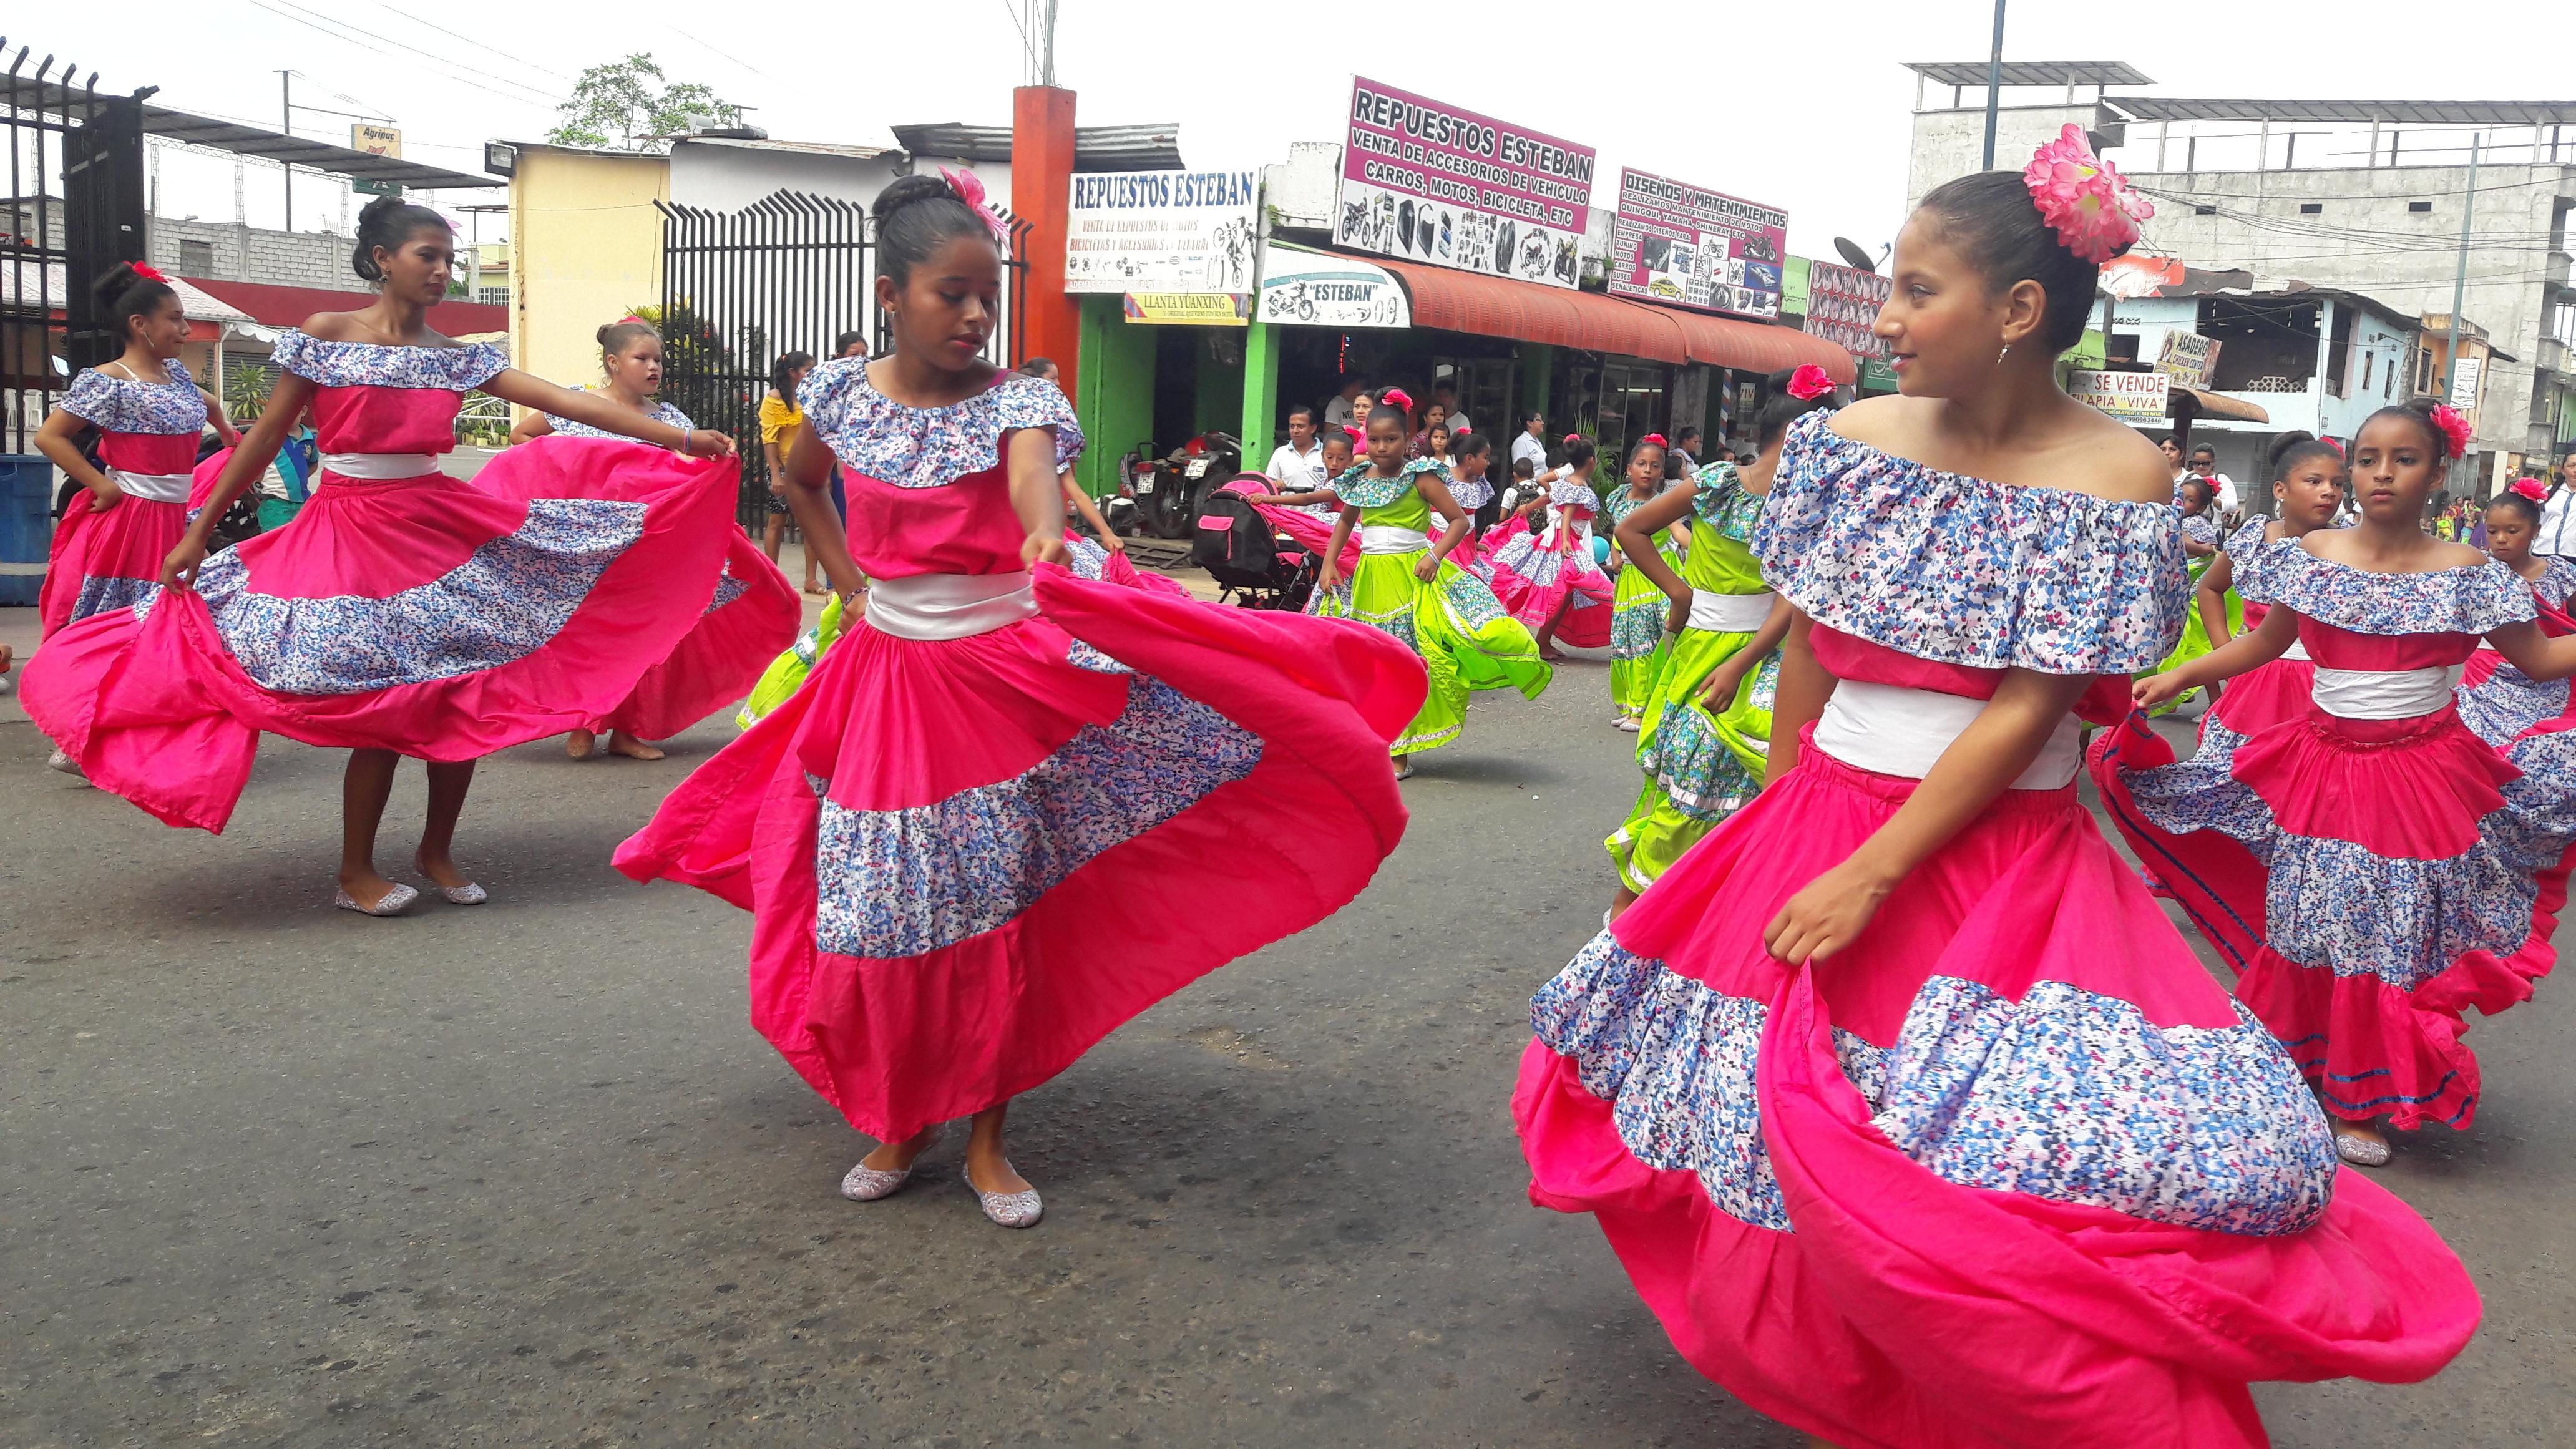 Música, fiesta y desfile por la fiestas